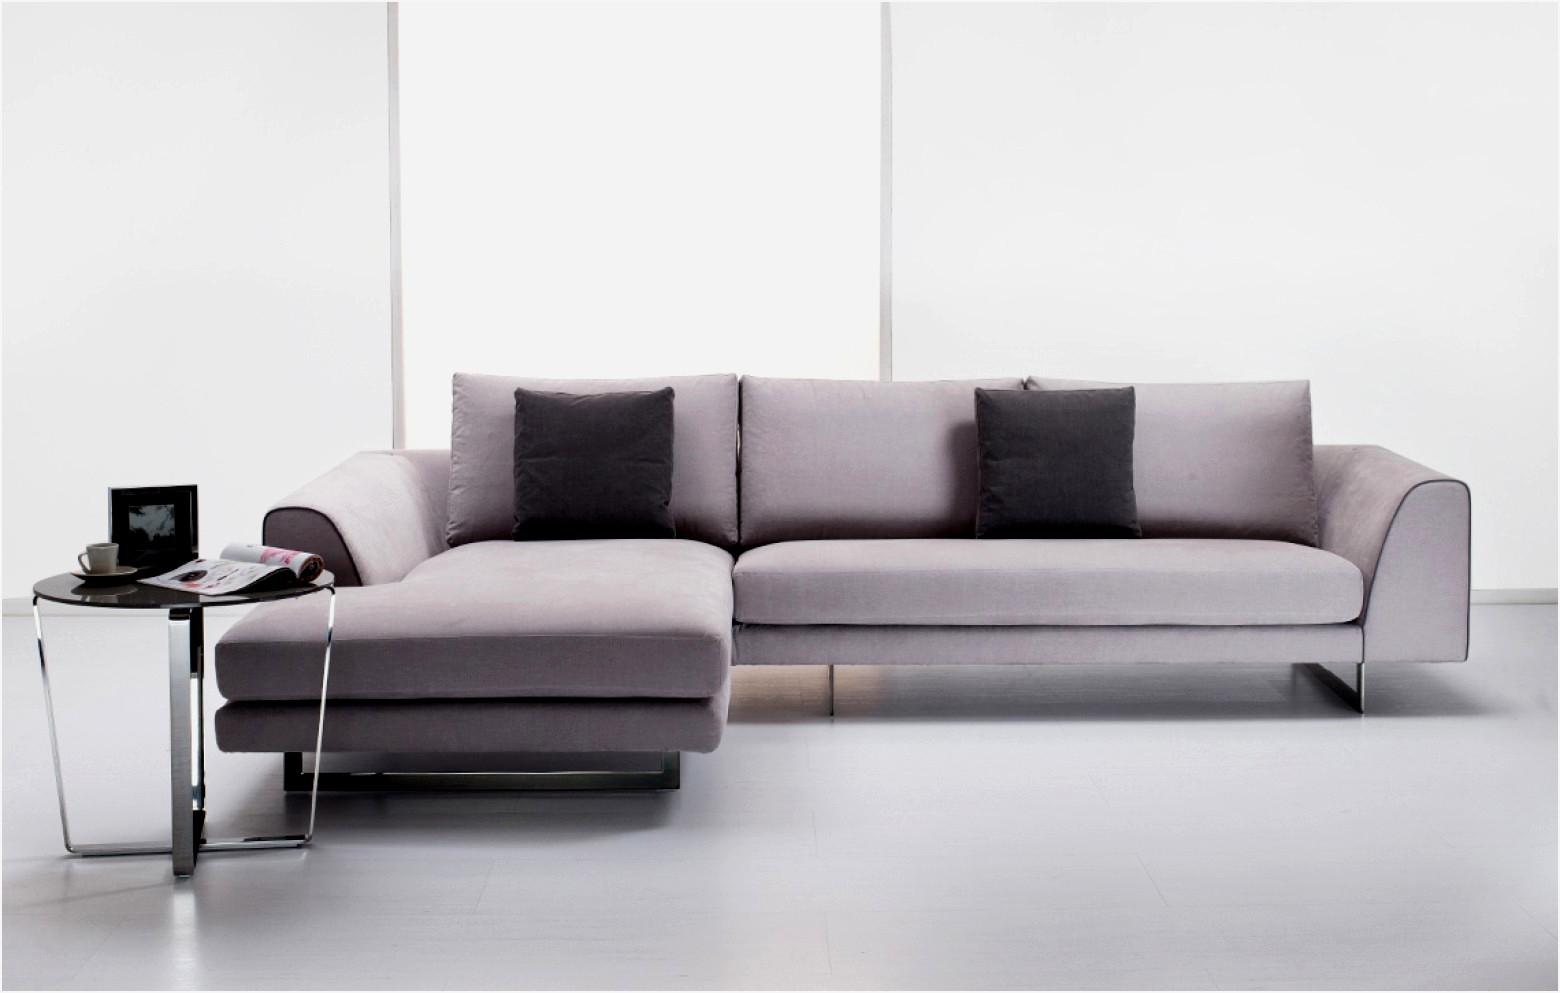 Outlet sofas Online Drdp HÃ Usliche Verbesserung Outlet sofa Online Designer Das Beste Von